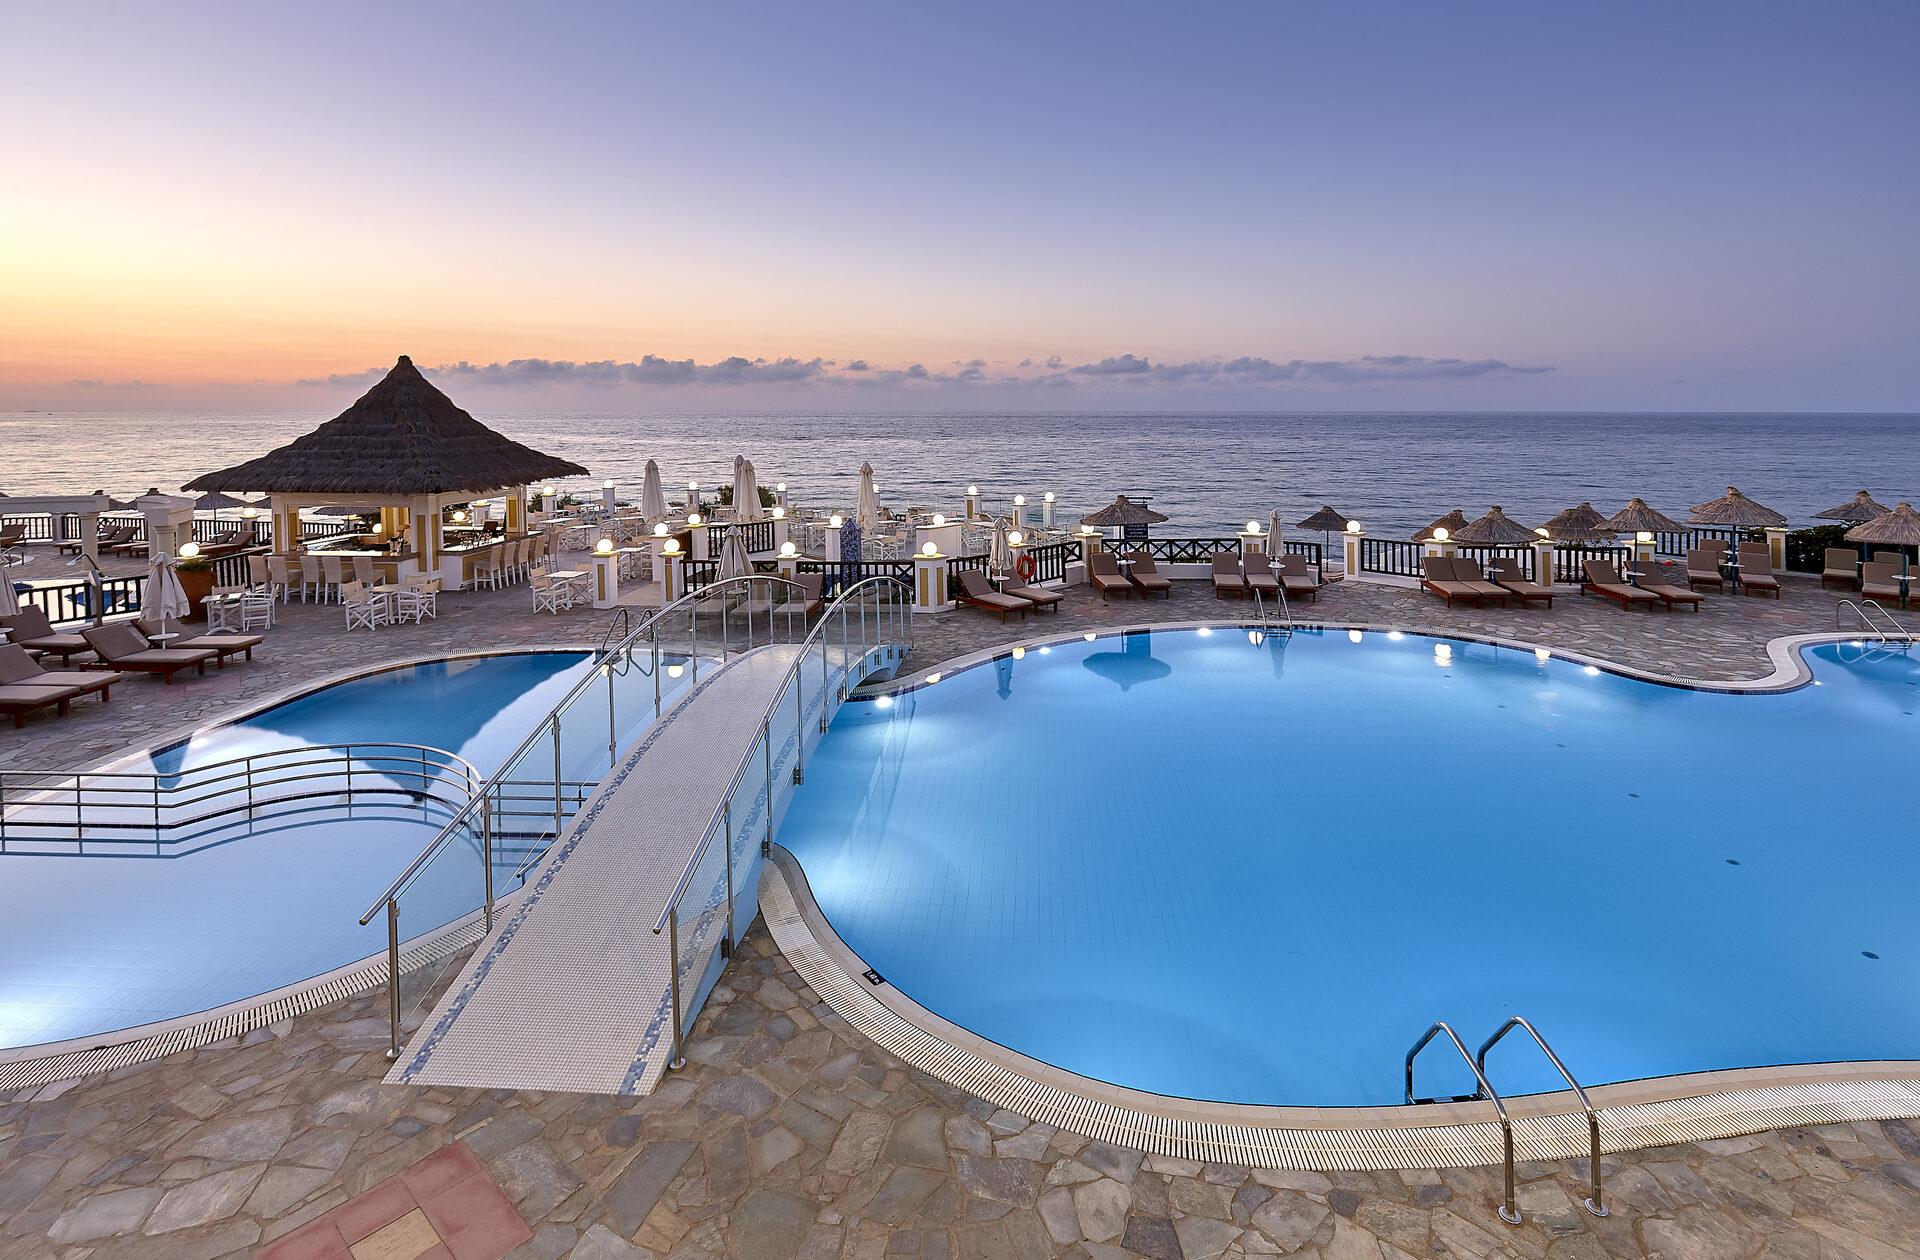 Alexander Beach Hotel & Village Resort